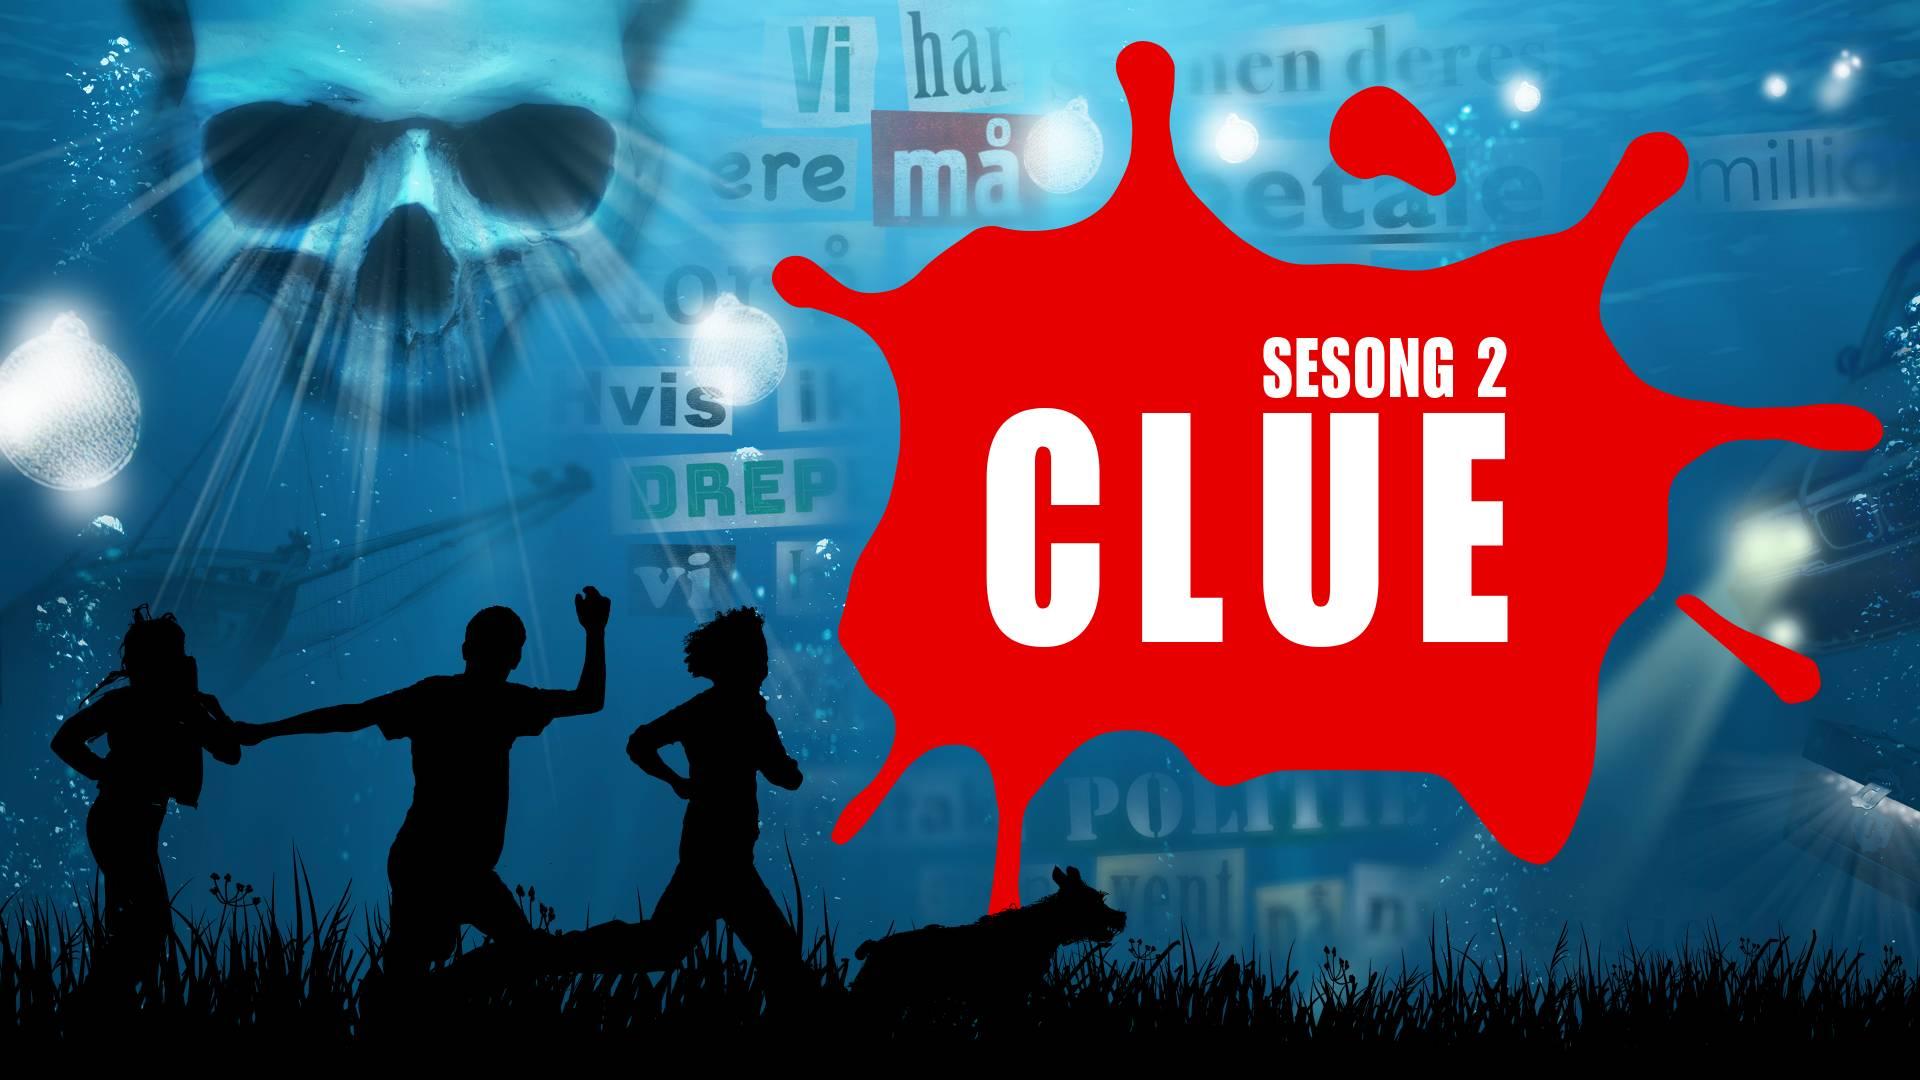 Nrk Clue Sesong 1